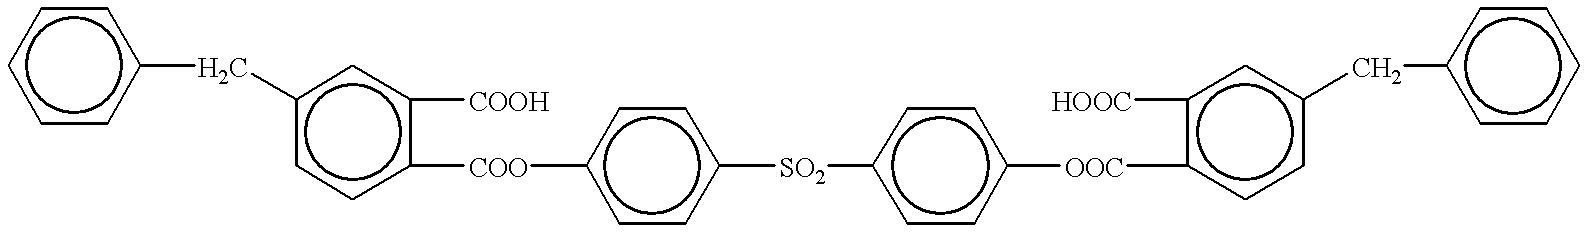 Figure US06180560-20010130-C00306